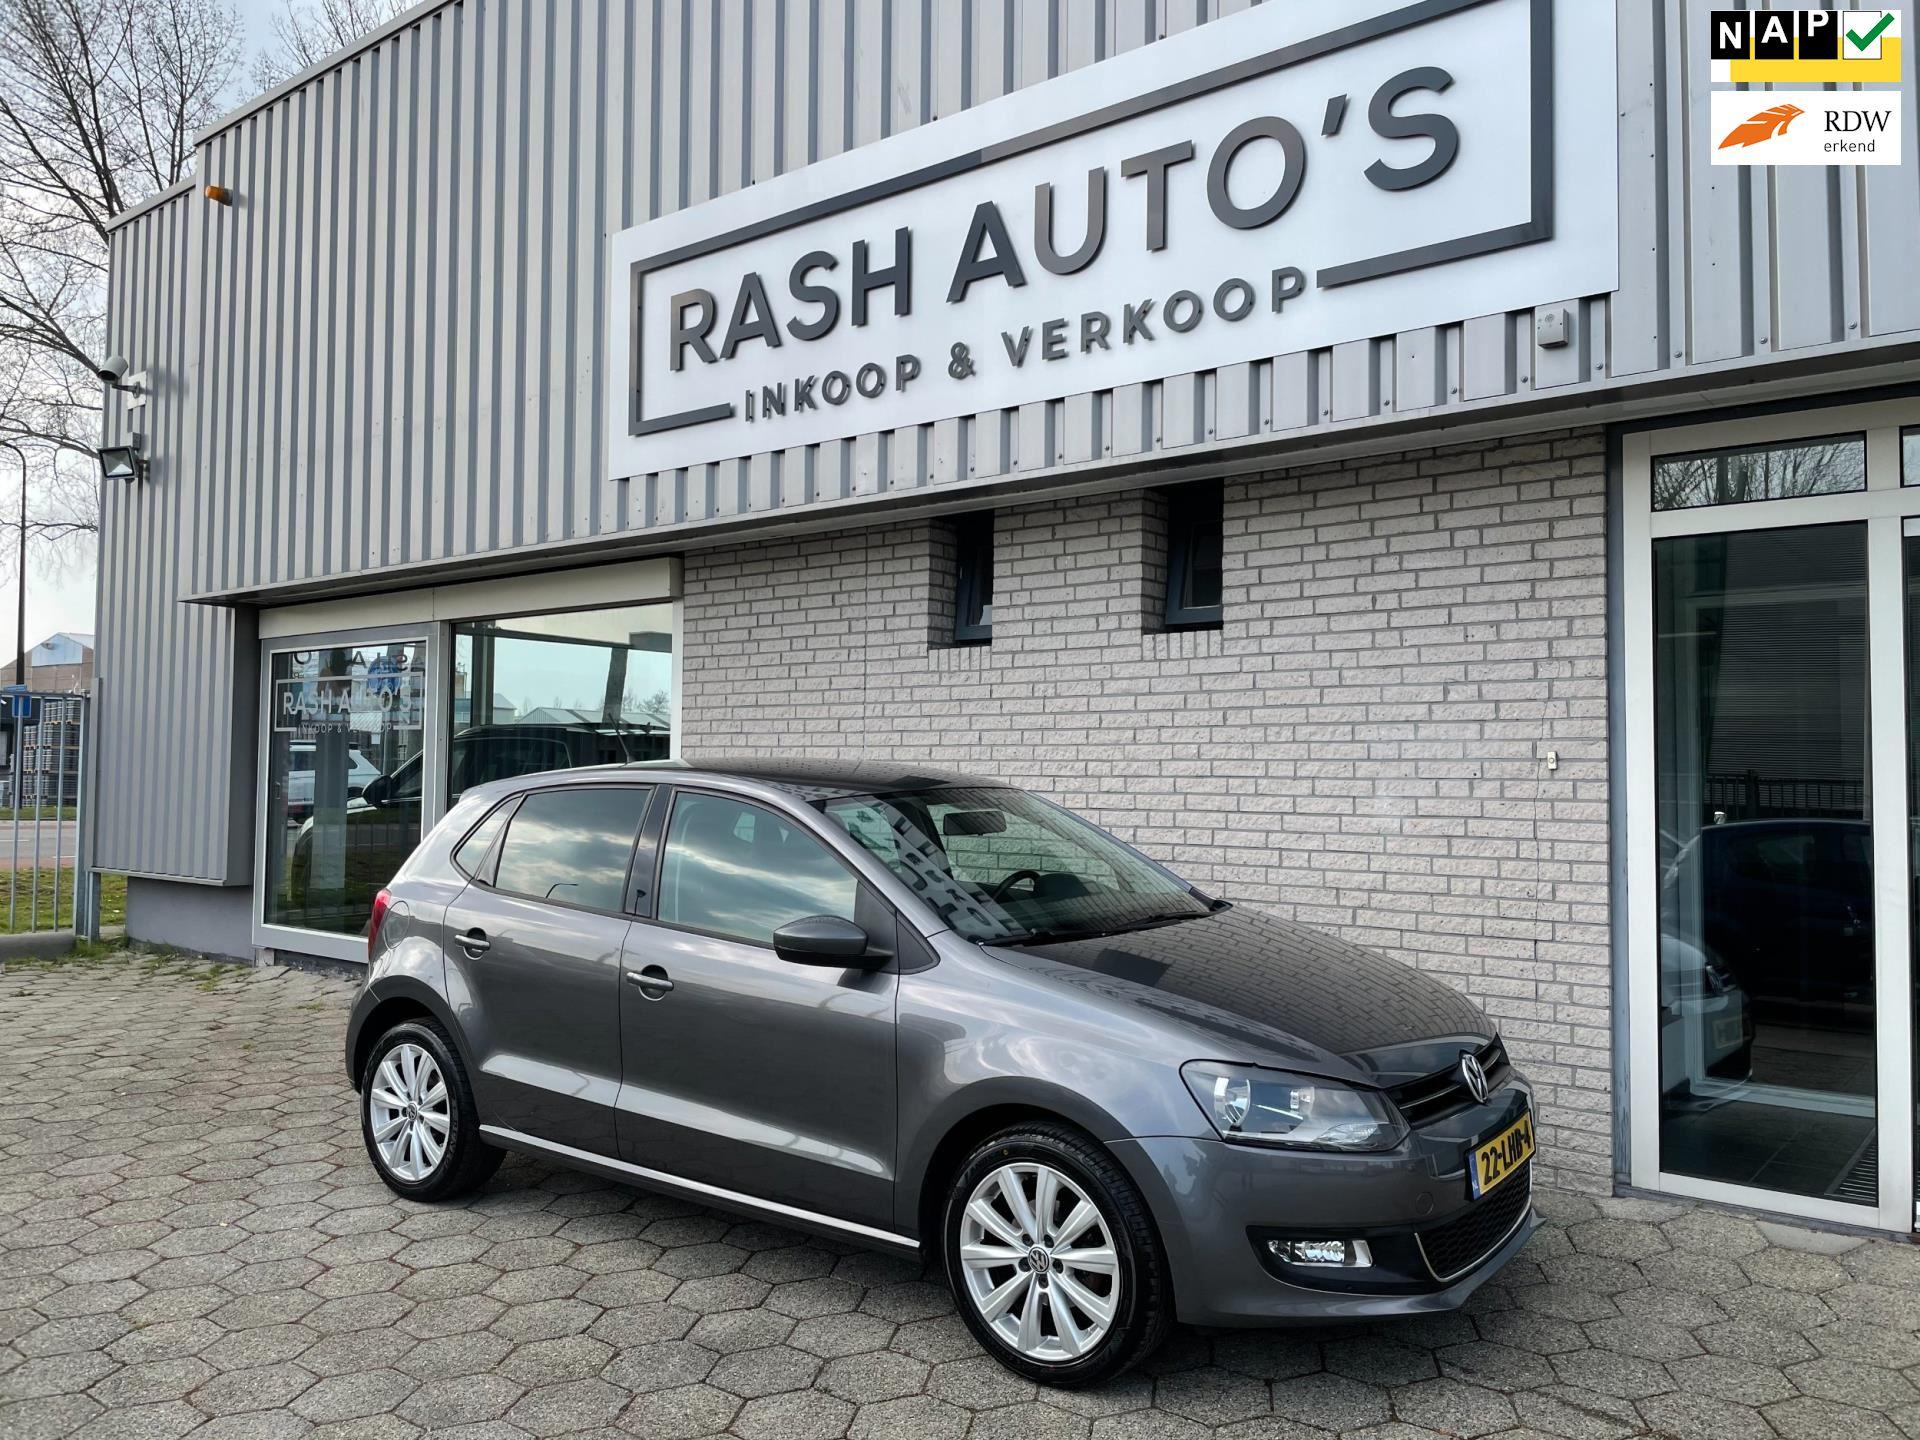 Volkswagen Polo occasion - RASH AUTO'S